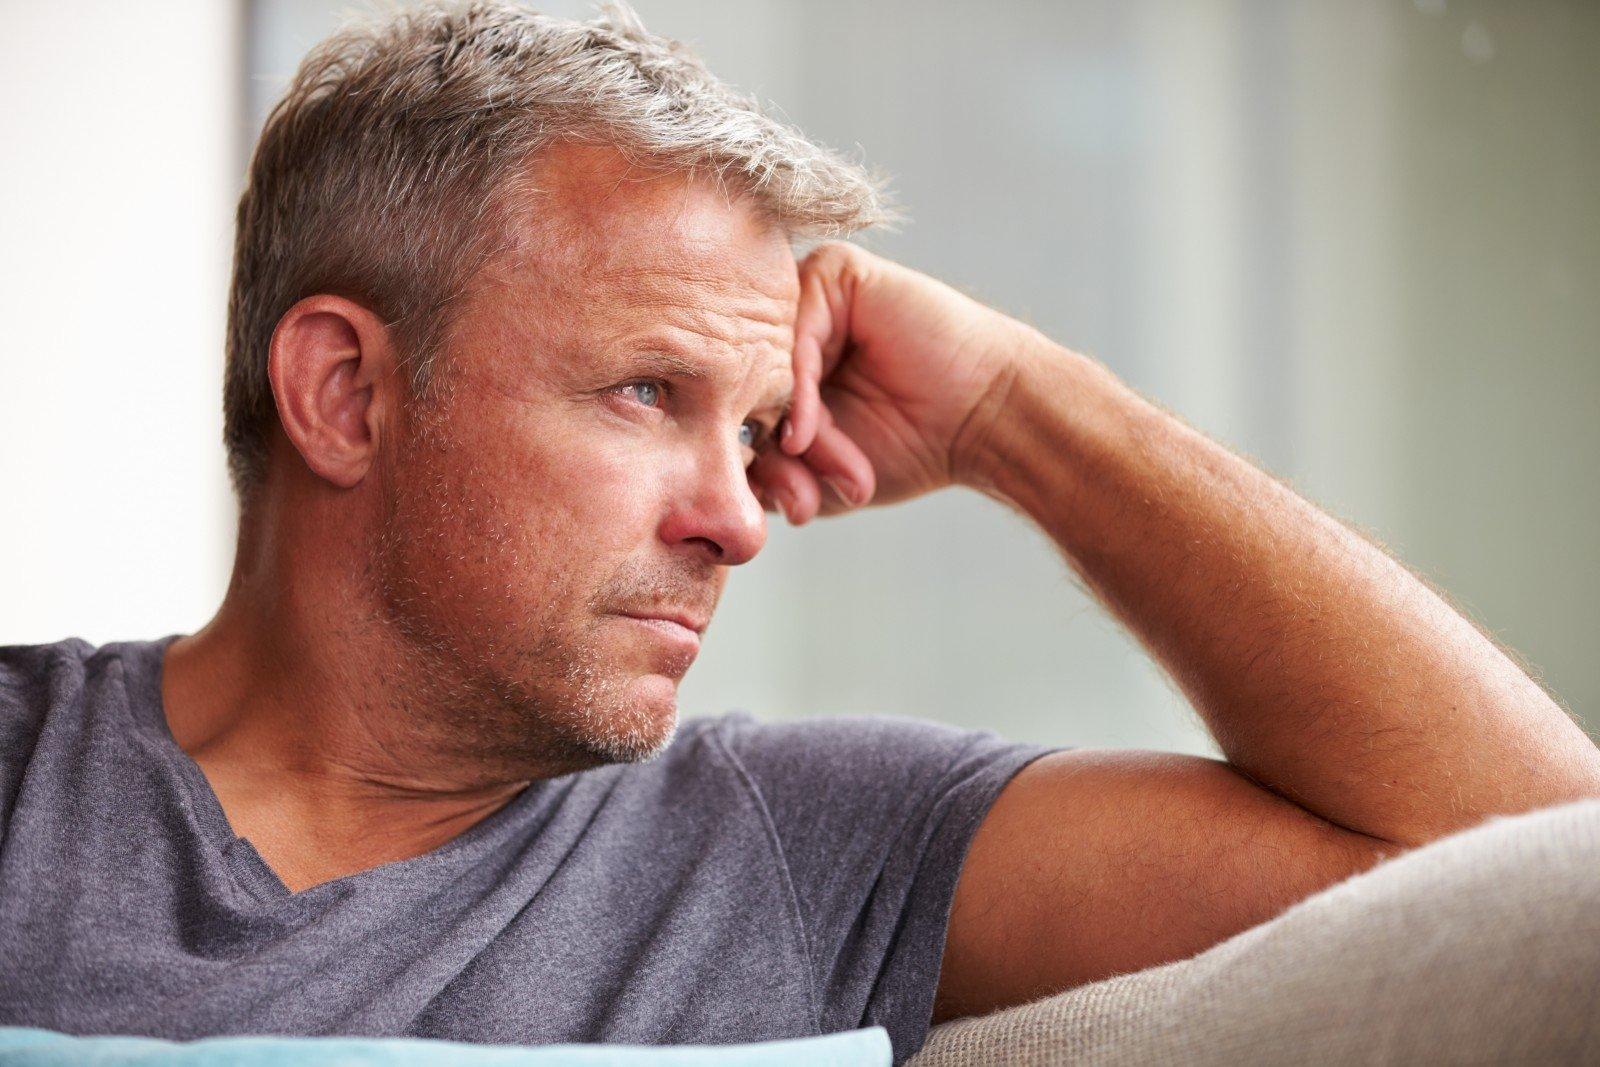 priemonė greitai erekcijai vyrams kaip padidinti varpa pagal liaudies gynimo priemones